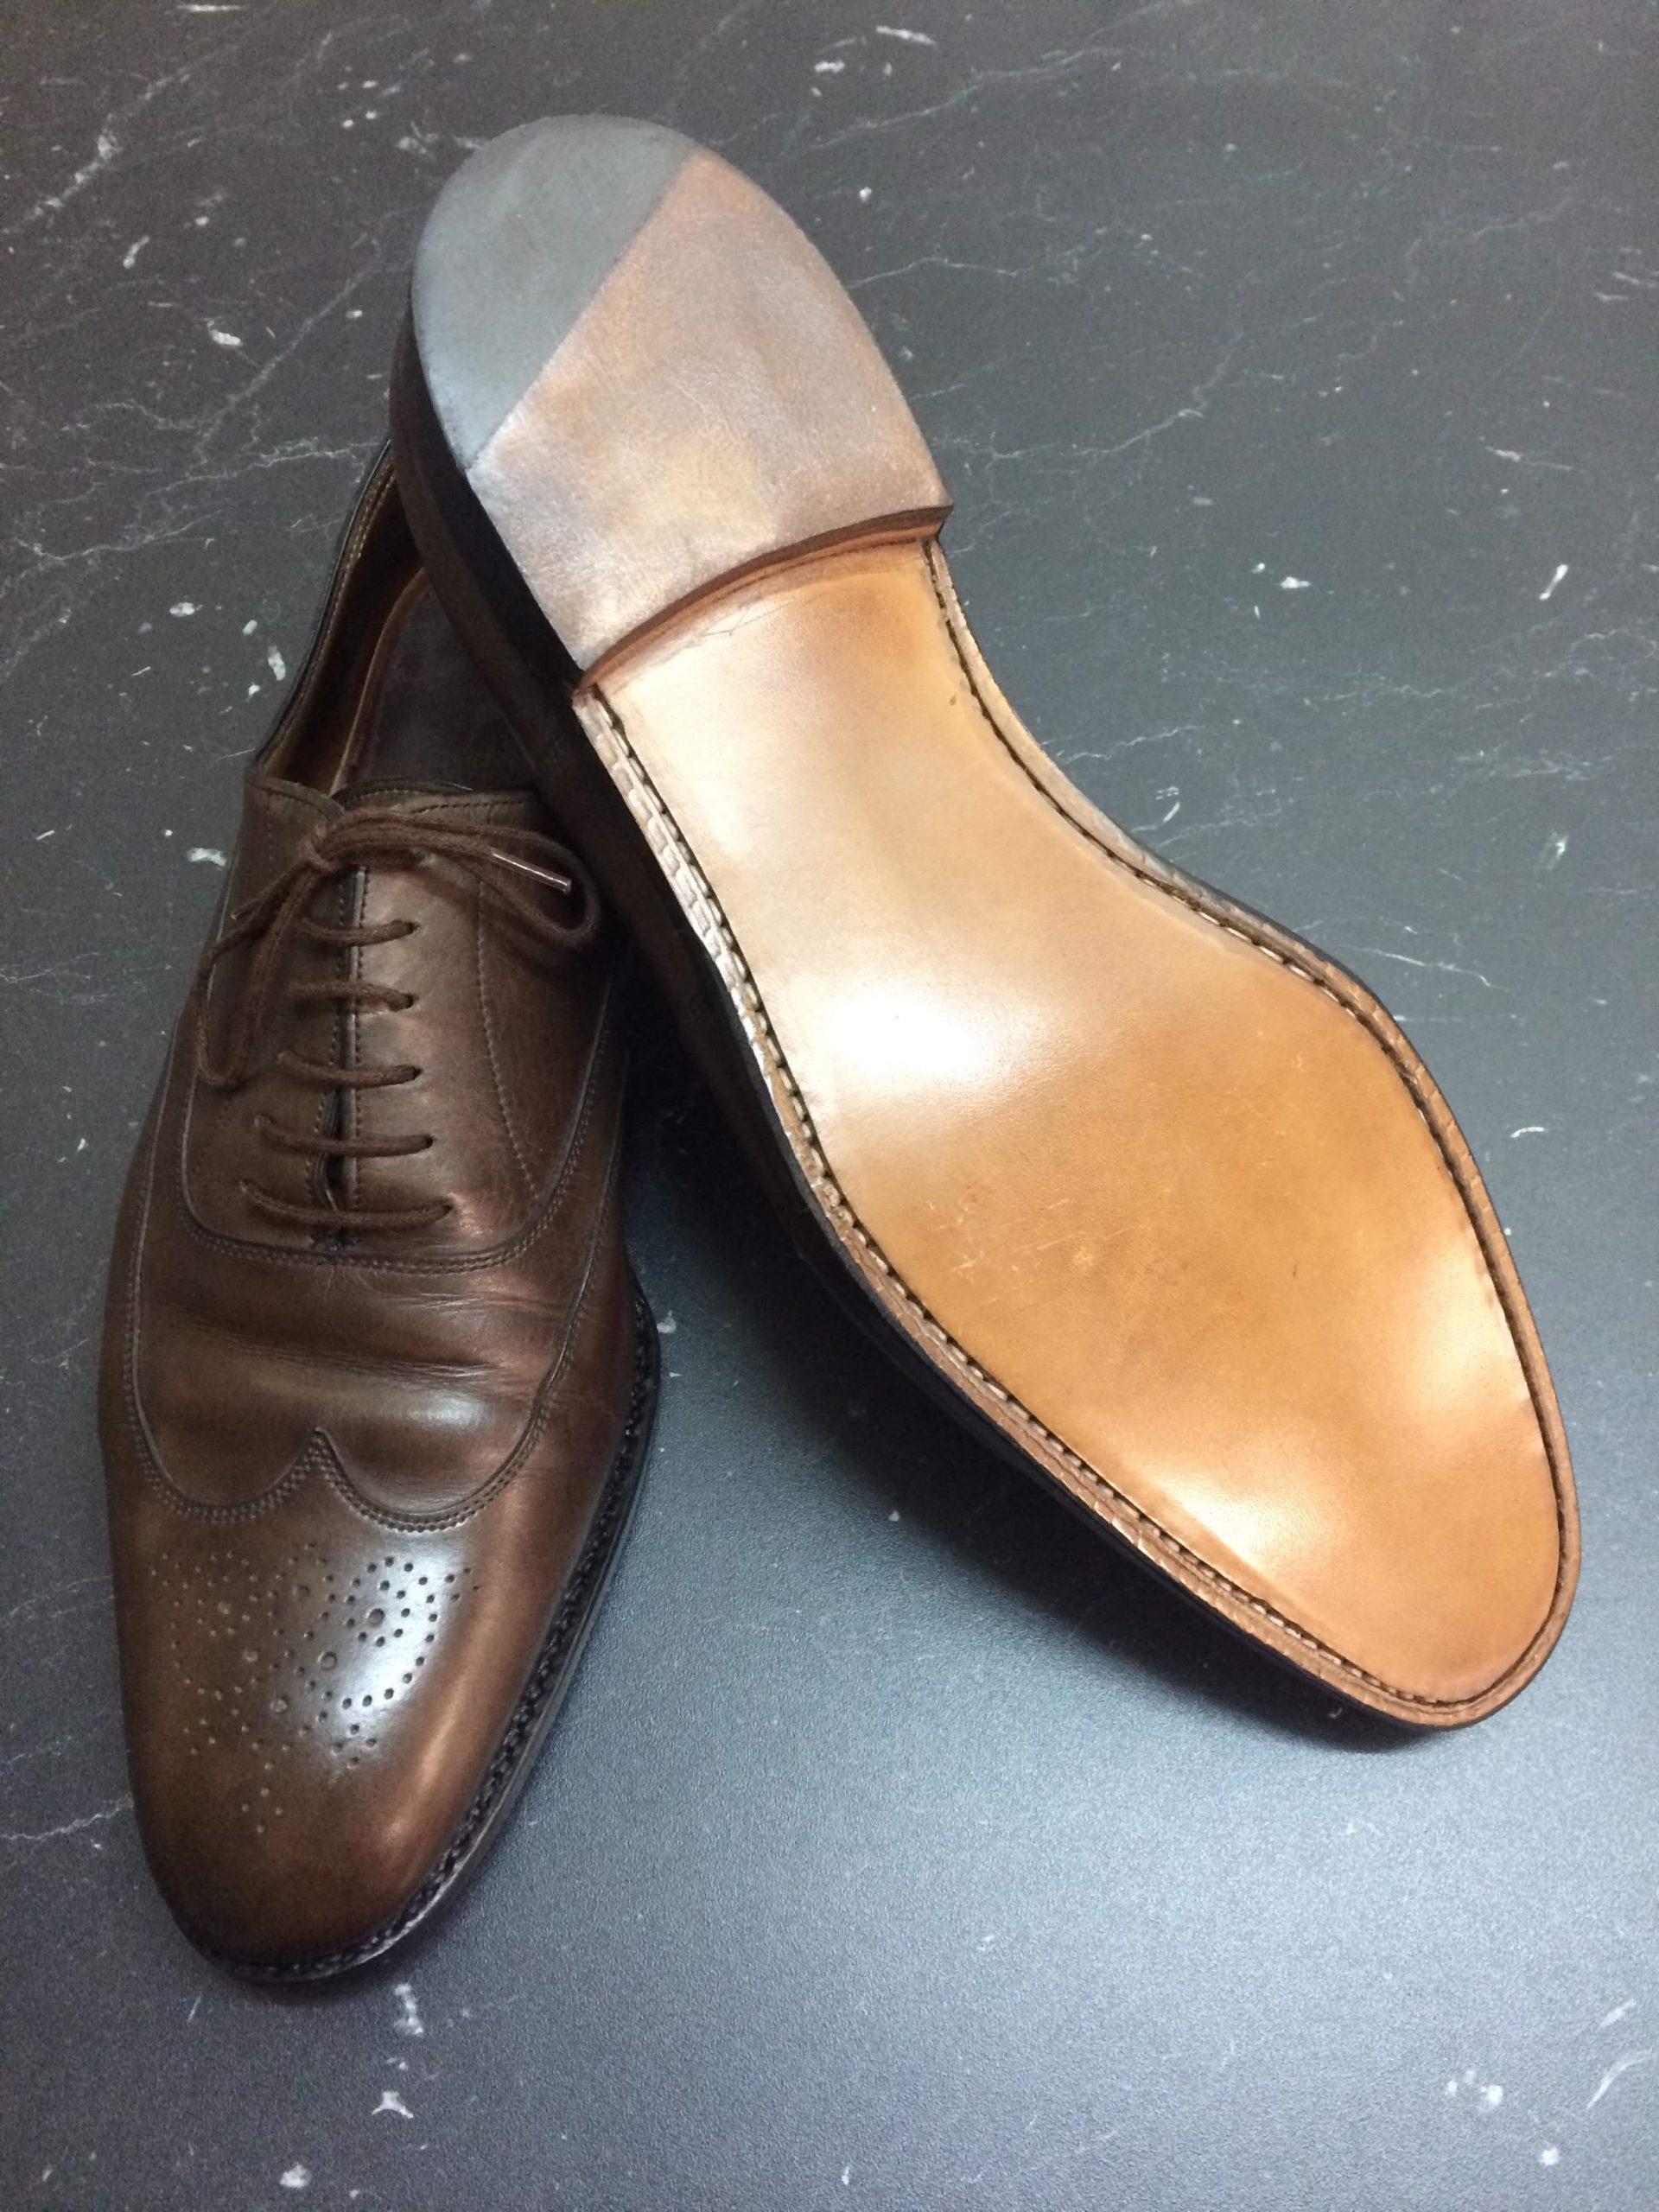 Shoe repair for men's shoes - Sole